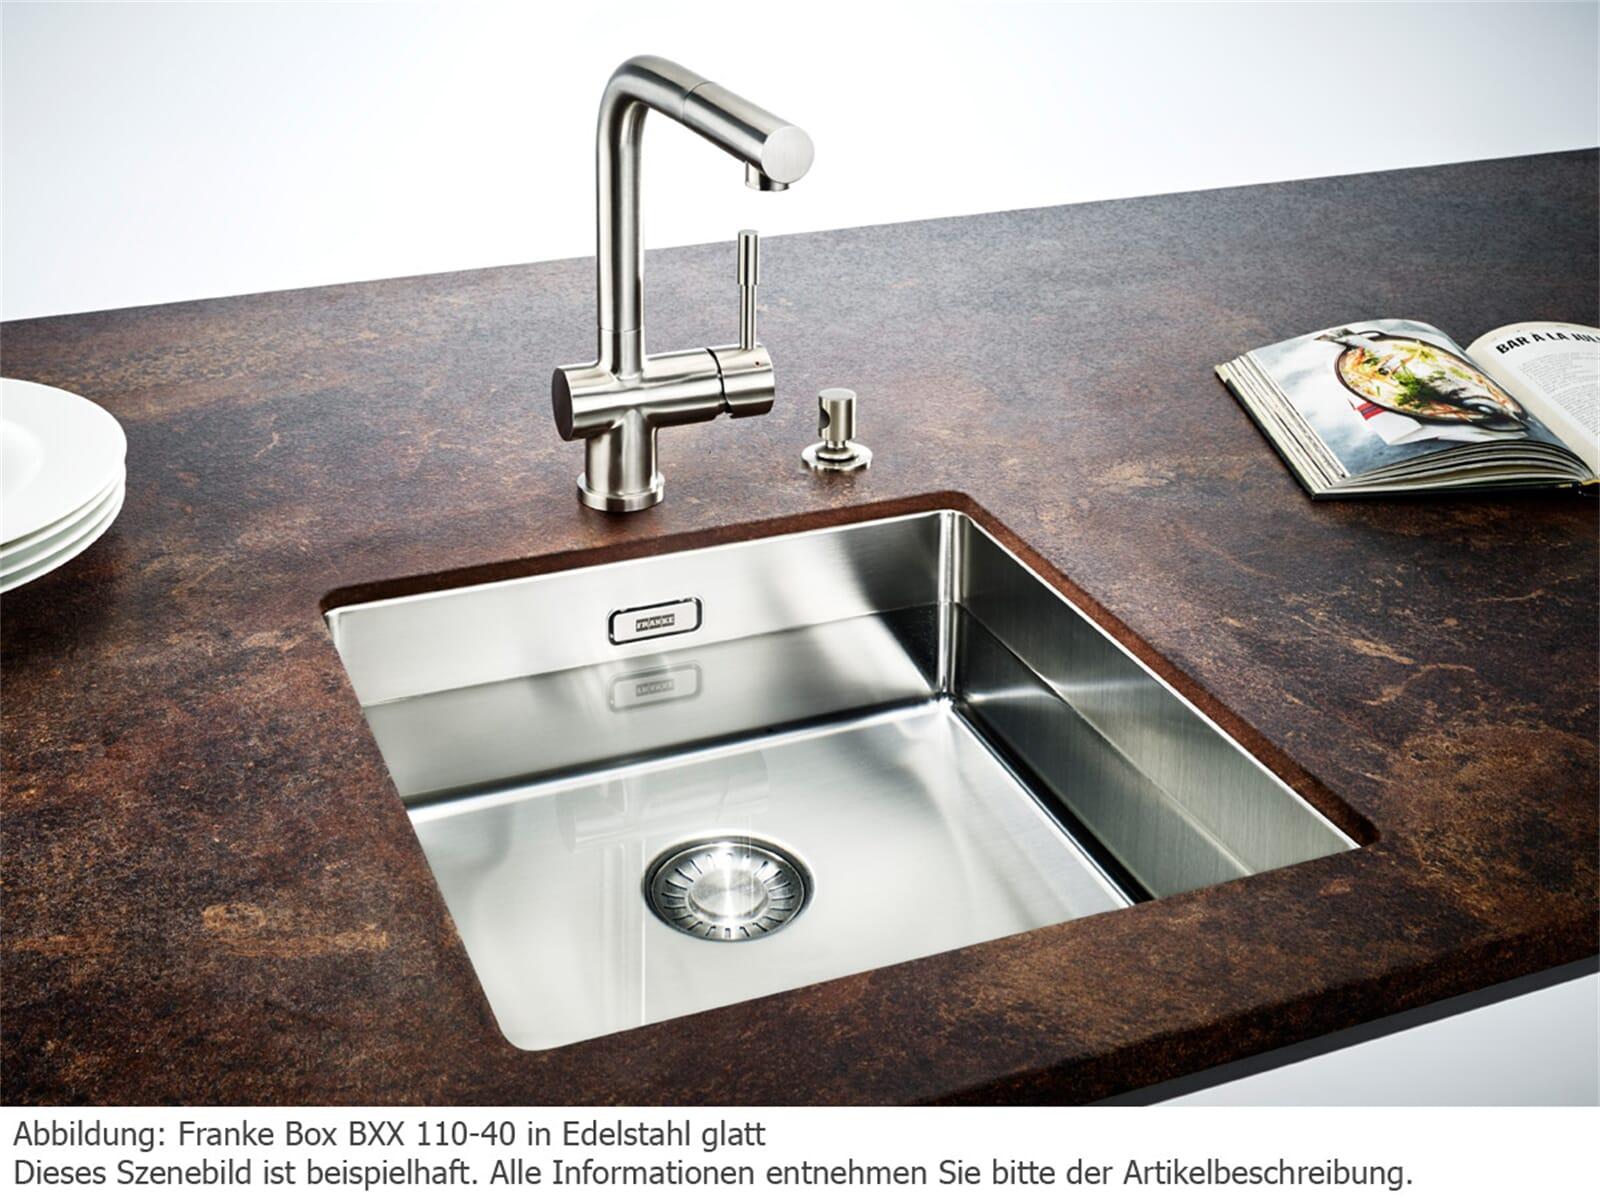 Groß Küchenspülen Unterbau Galerie - Ideen Für Die Küche Dekoration ...